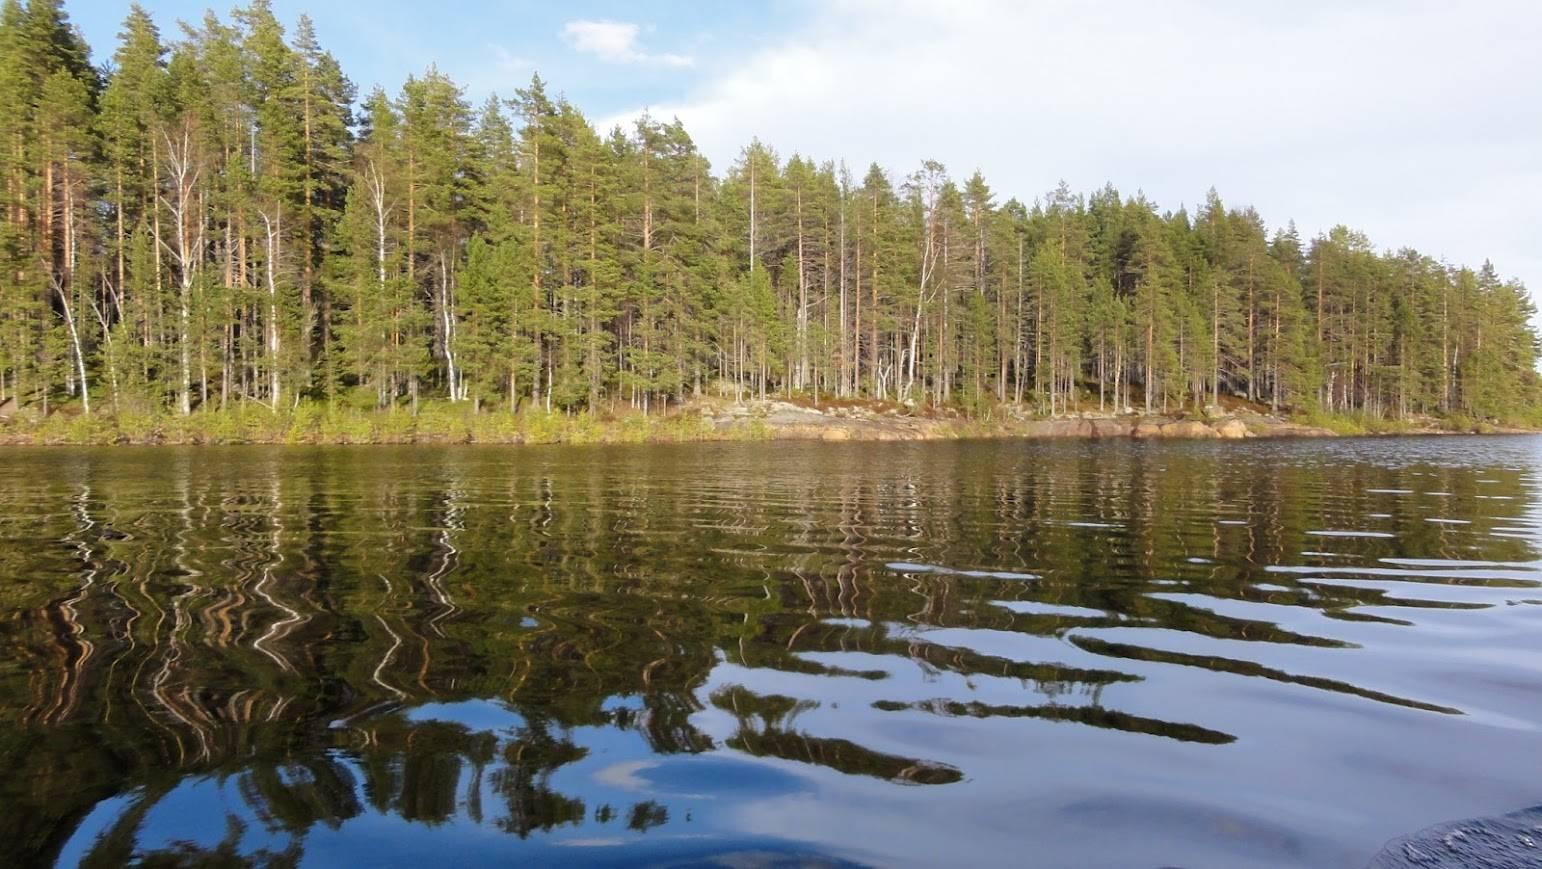 Рыбалка в карелии дикарем — водоемы, снасти, особенности